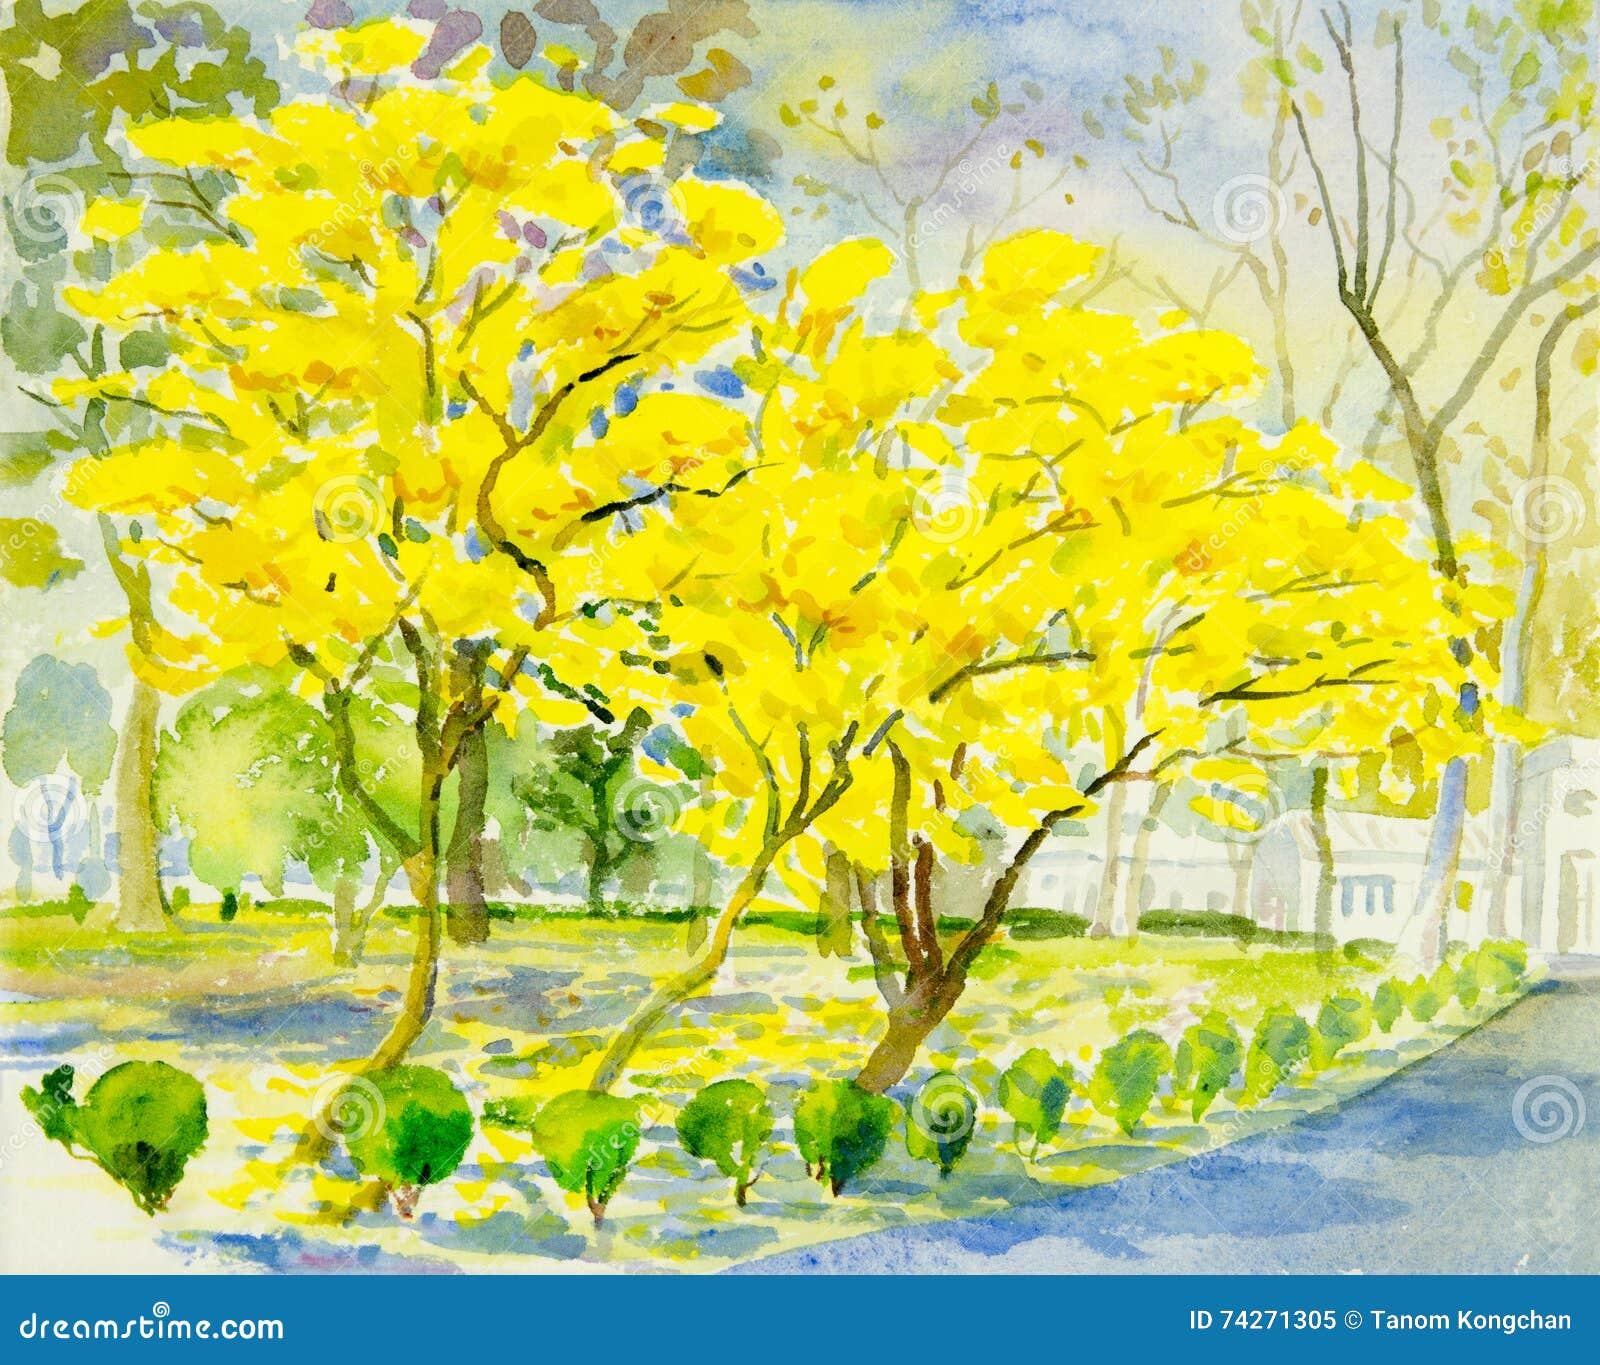 jaune original de peinture de paysage couleur orange de fleur d 39 or d 39 arbre illustration stock. Black Bedroom Furniture Sets. Home Design Ideas